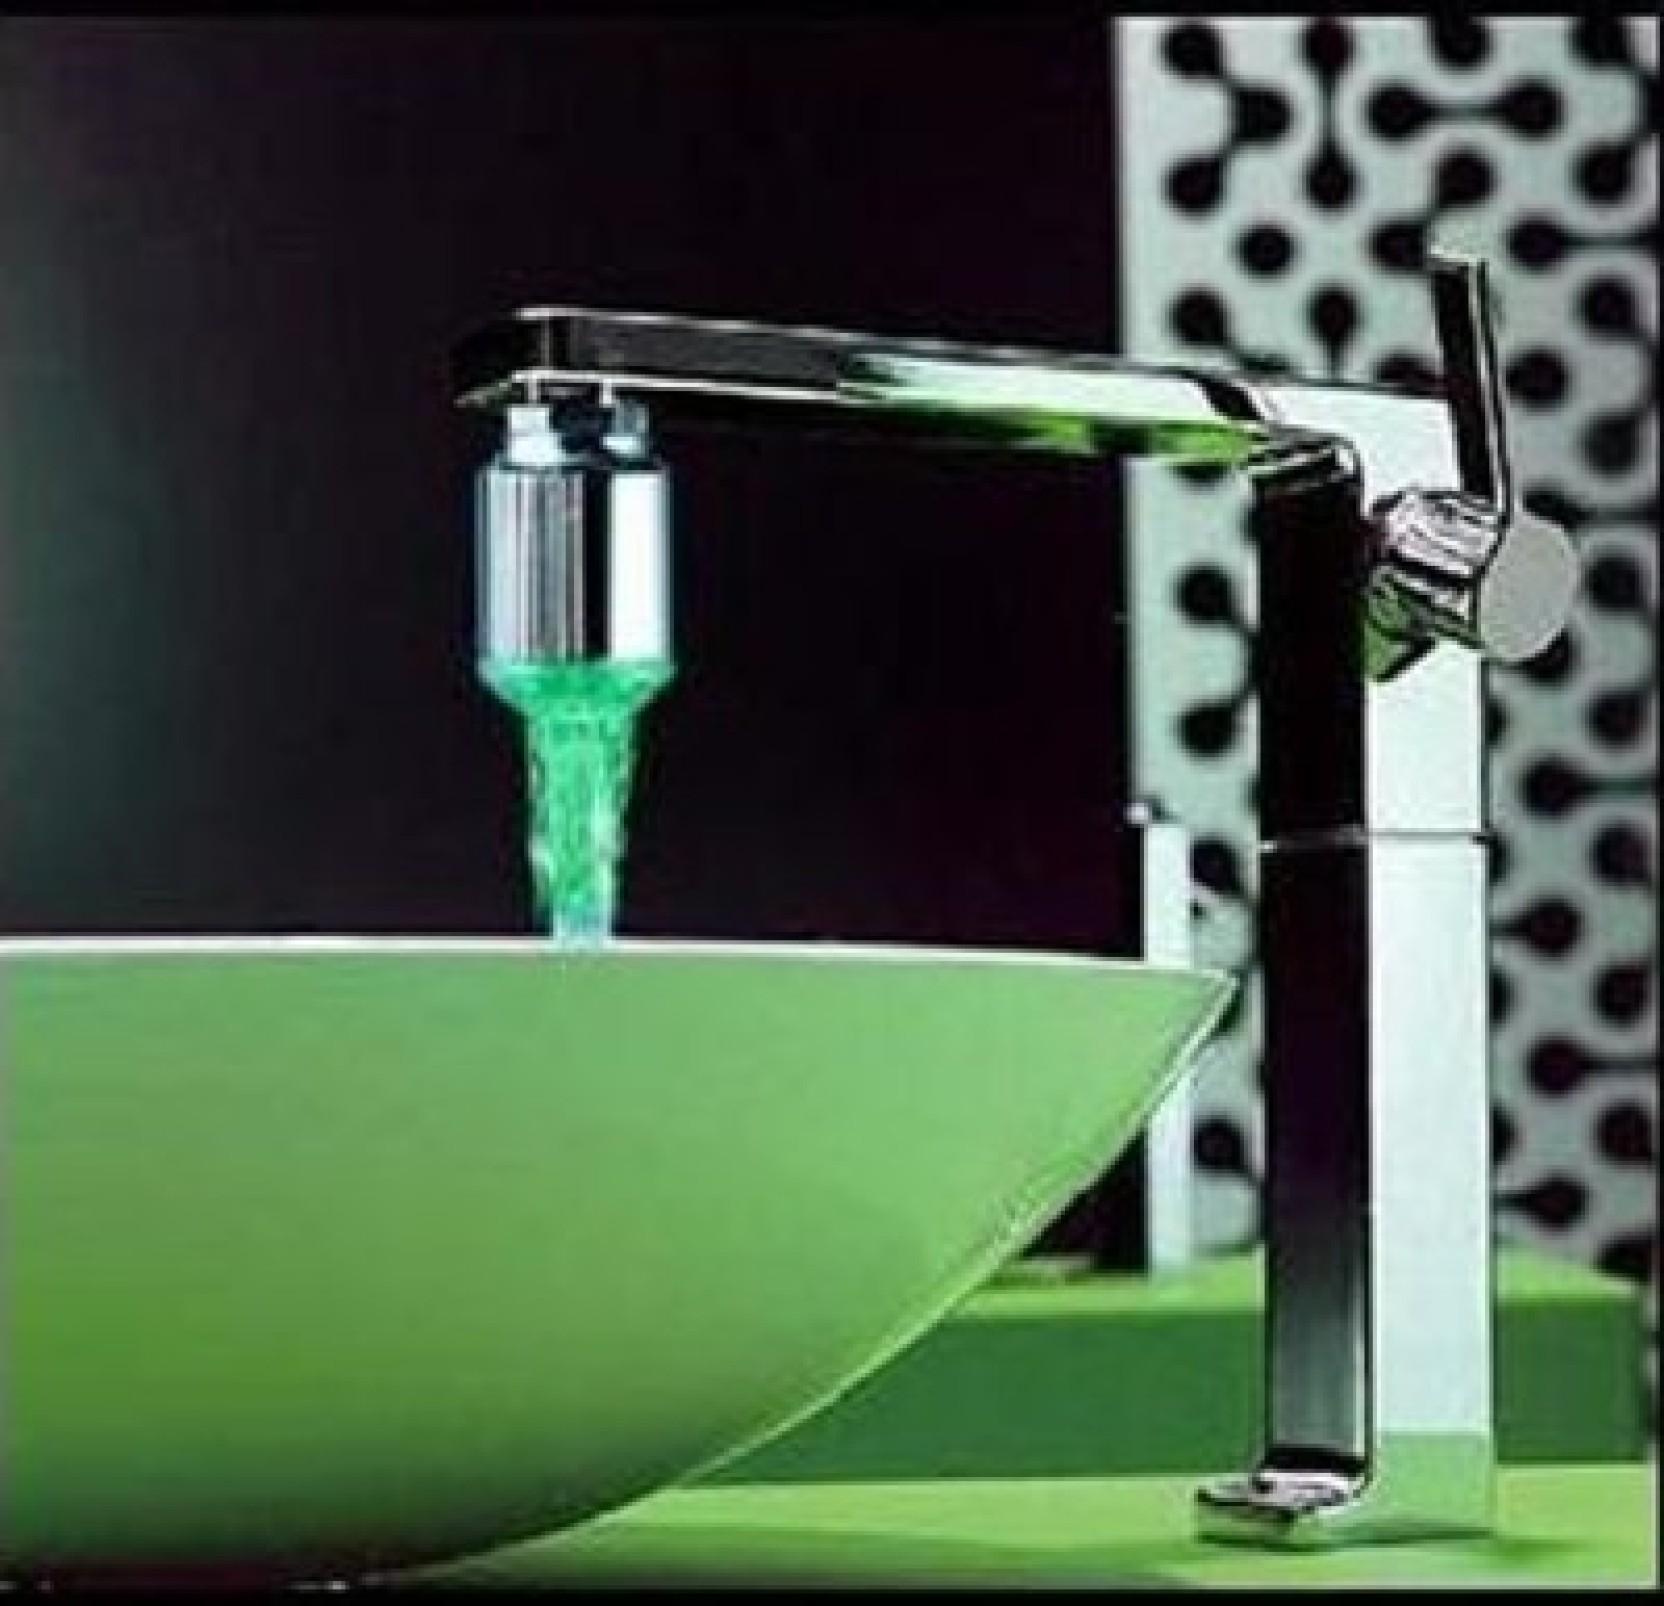 Bbroz 7 Colour Water Tab/Faucet Kitchen/Bathroom Royal Spout Faucet ...